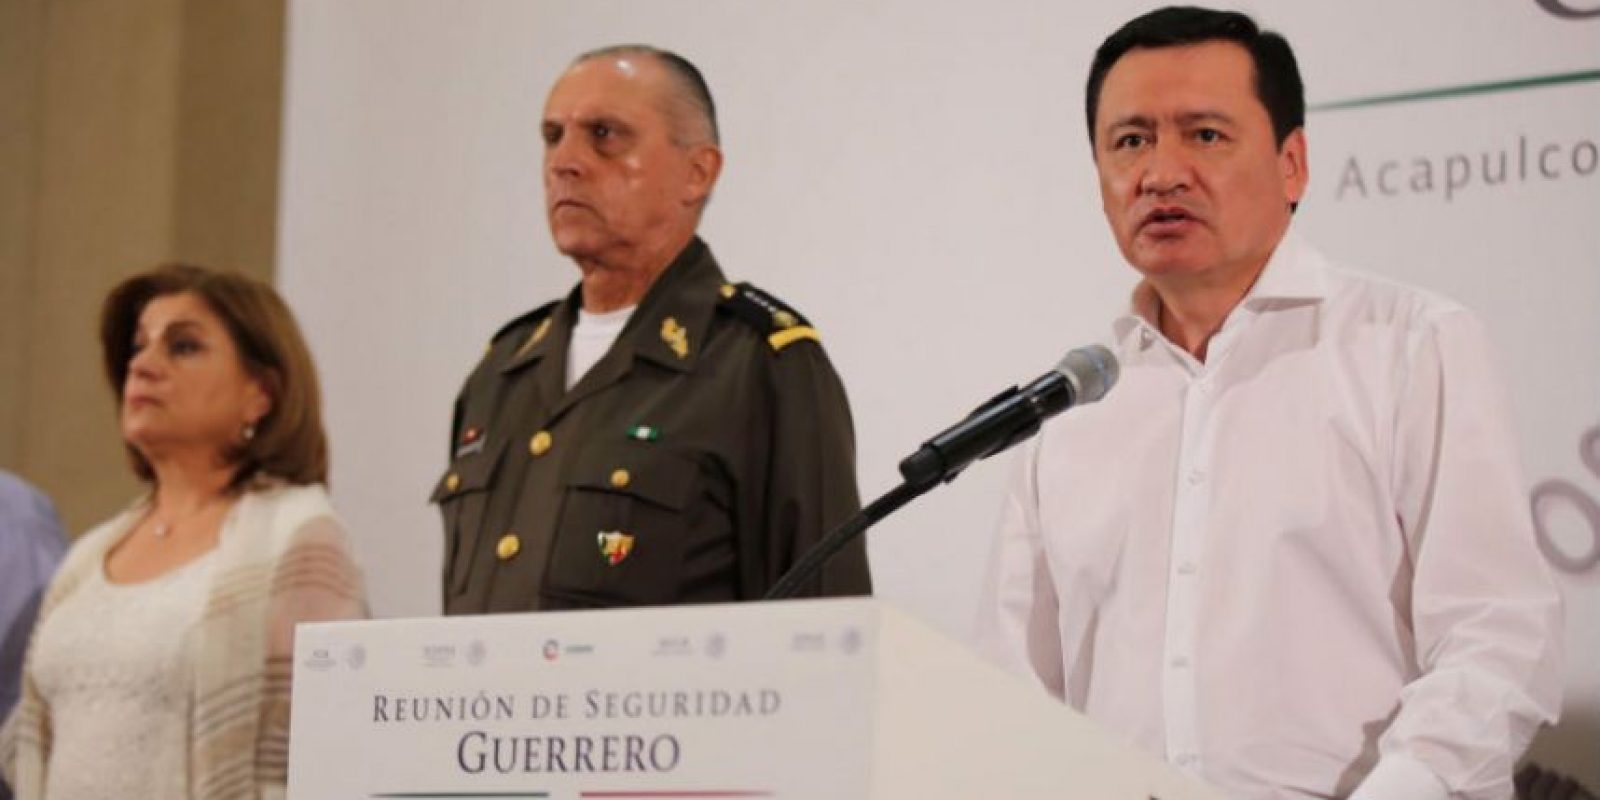 Osorio Chong encabezó la ReunIón de Seguridad para Guerrero Foto:@osoriochong